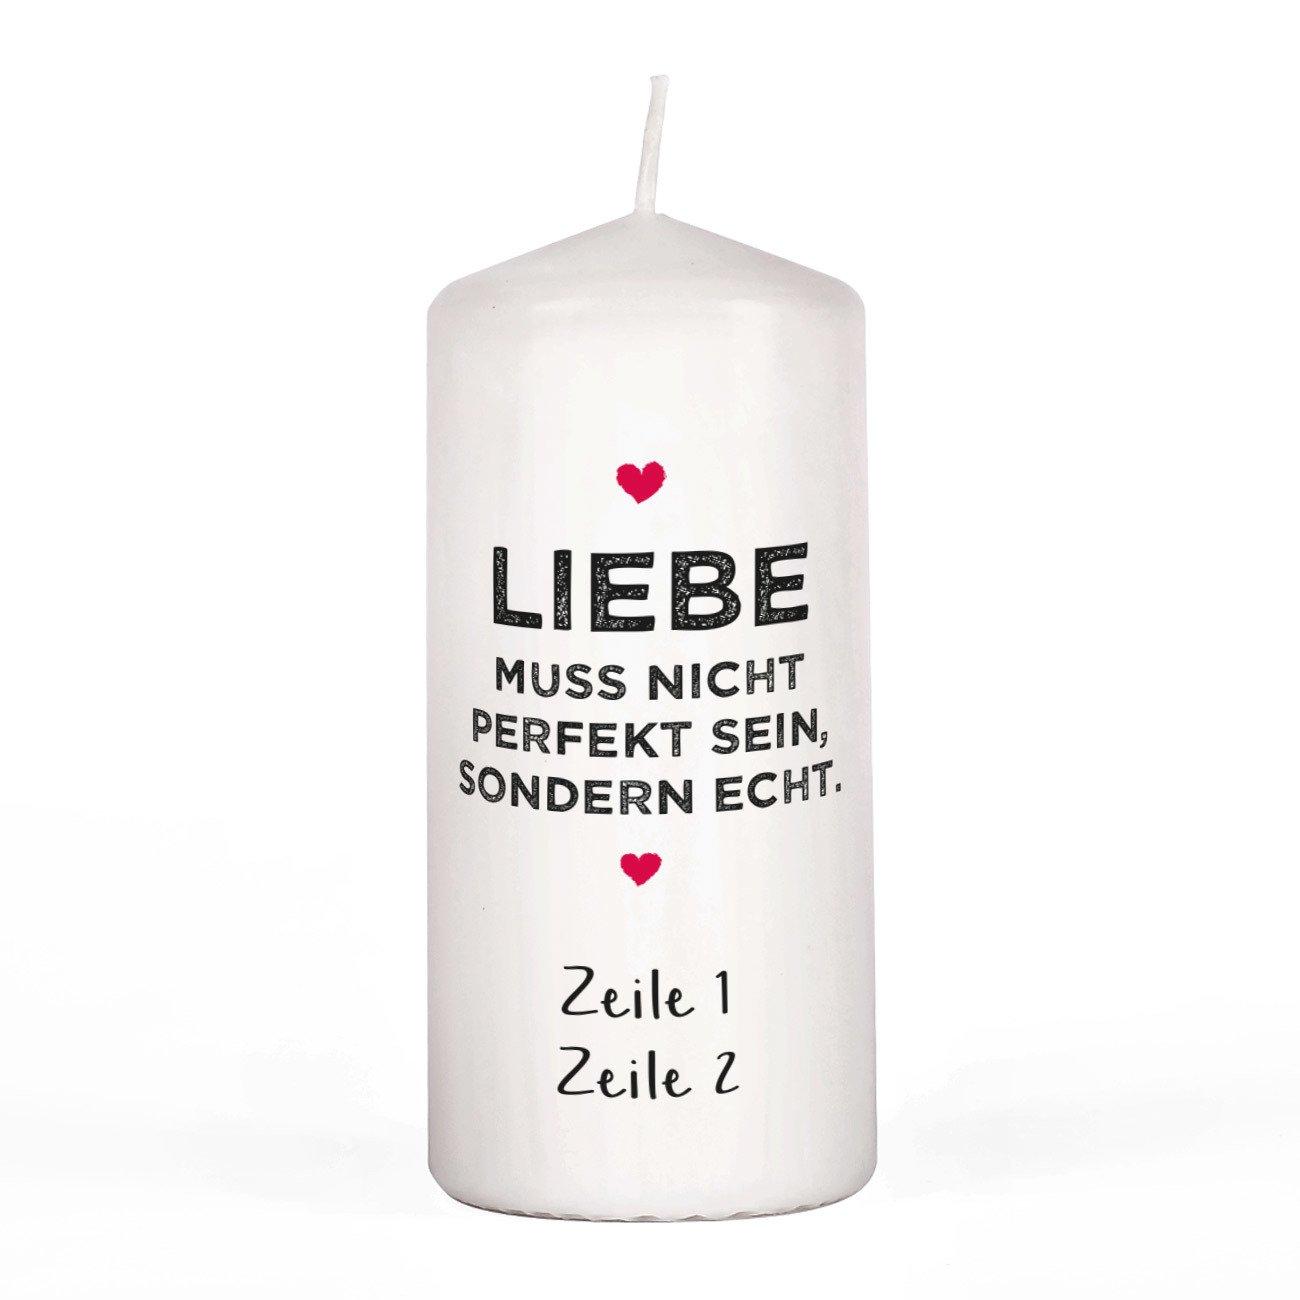 Herz & Heim® Kerze für Verliebte - Liebe muss Nicht perfekt Sein, sondern echt. - mit euren Wunschzeilen unter dem Motiv Herz & Heim®